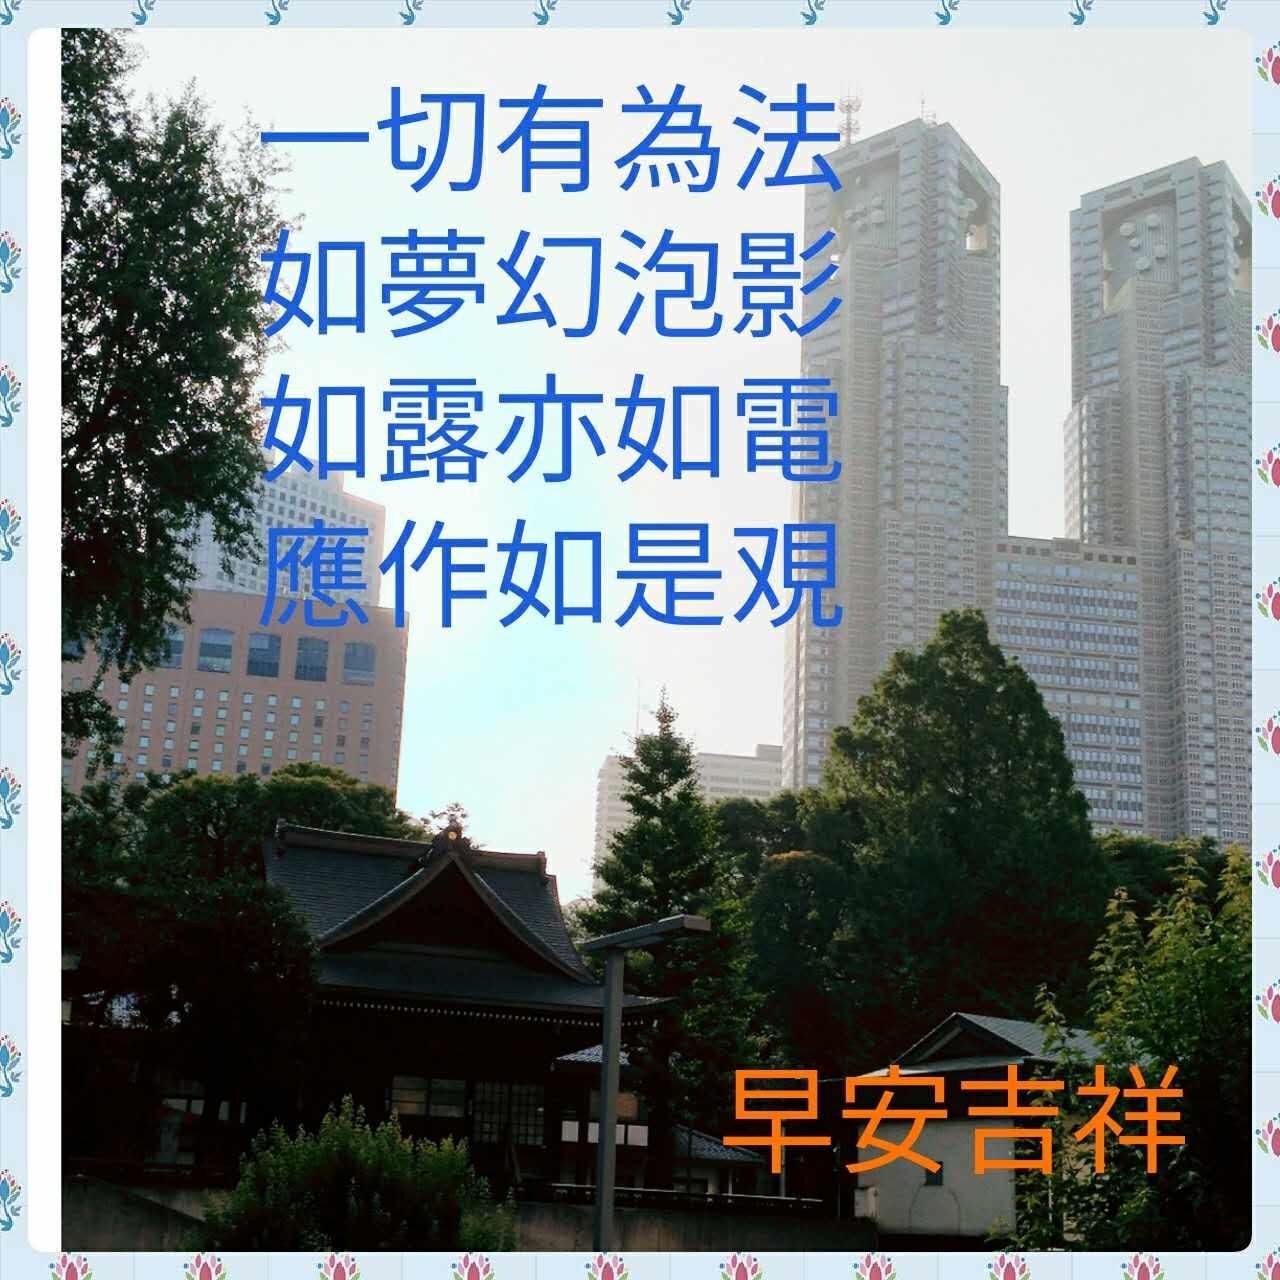 b0348023_07590446.jpg